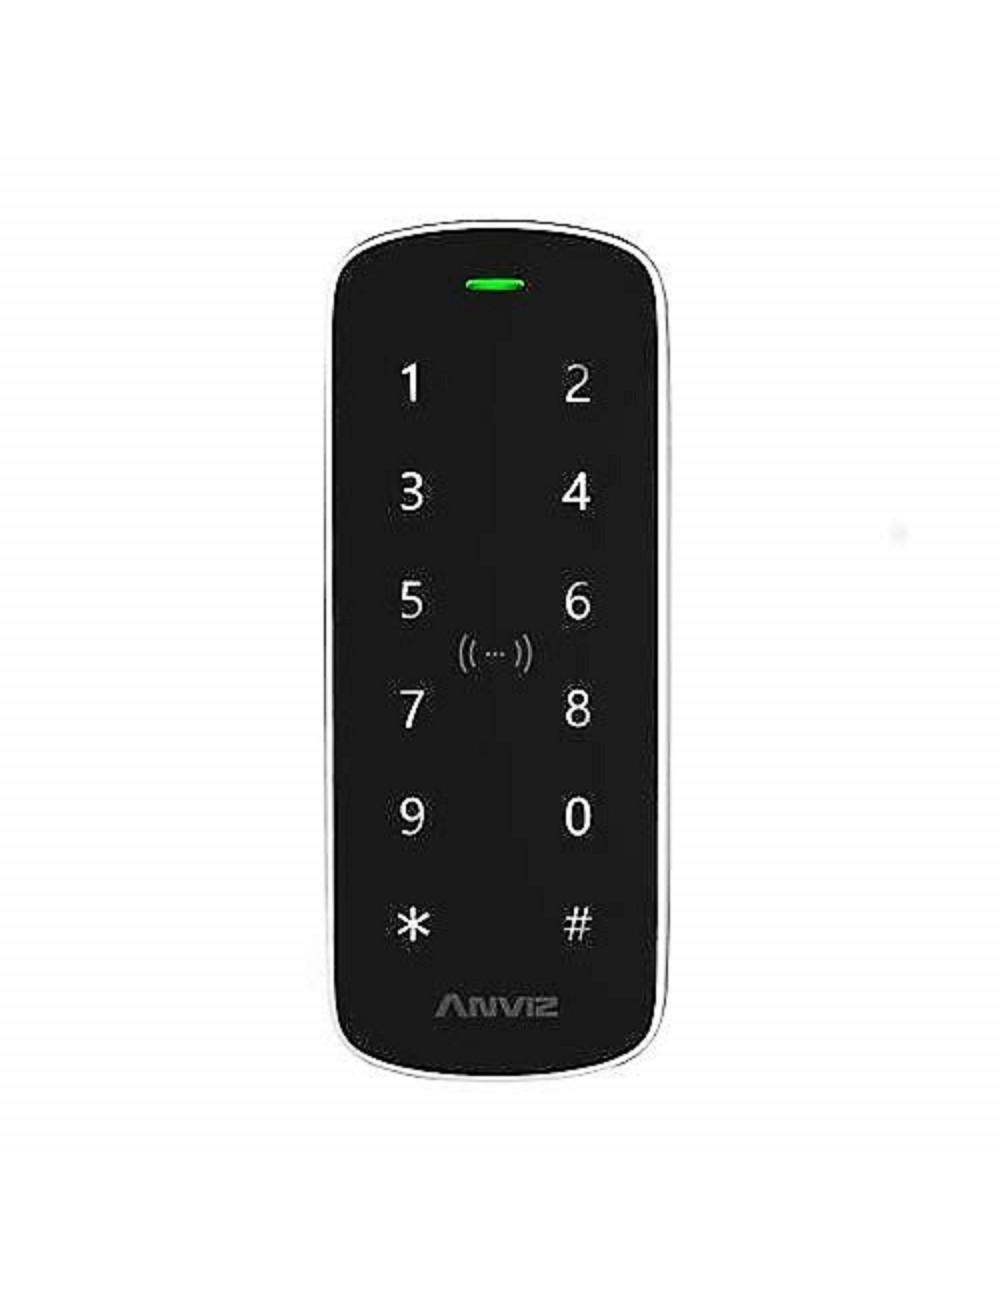 Anviz M3 Control de Acceso con Teclado y Tarjetas RFID